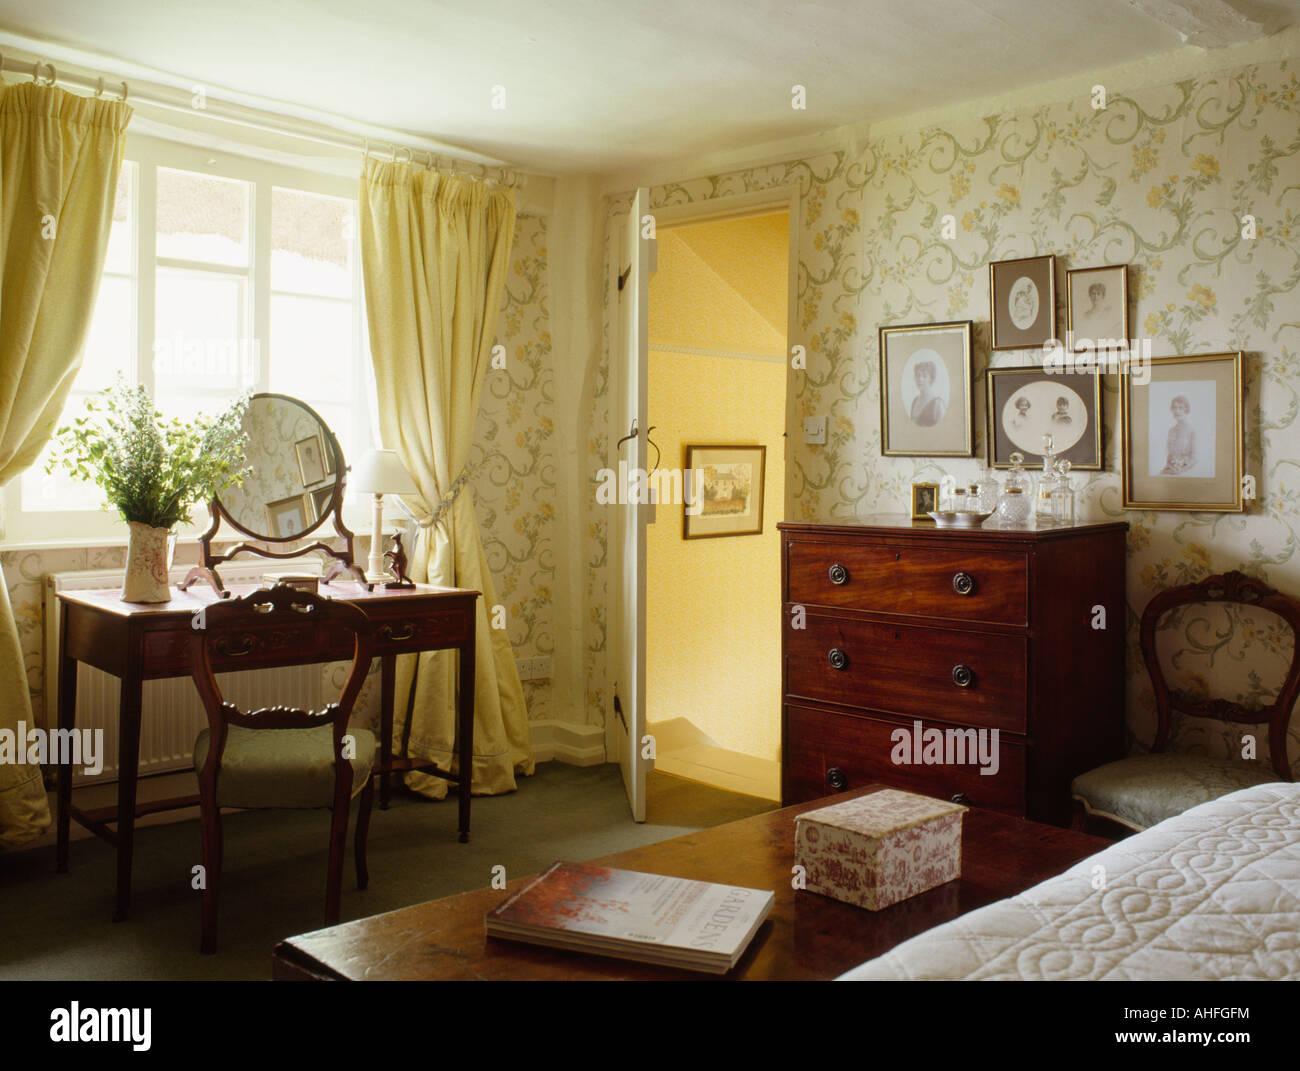 Muster tapeten schlafzimmer schlafzimmer grau wei sconto komplett bettw sche 3d - Tapeten landhausstil schlafzimmer ...